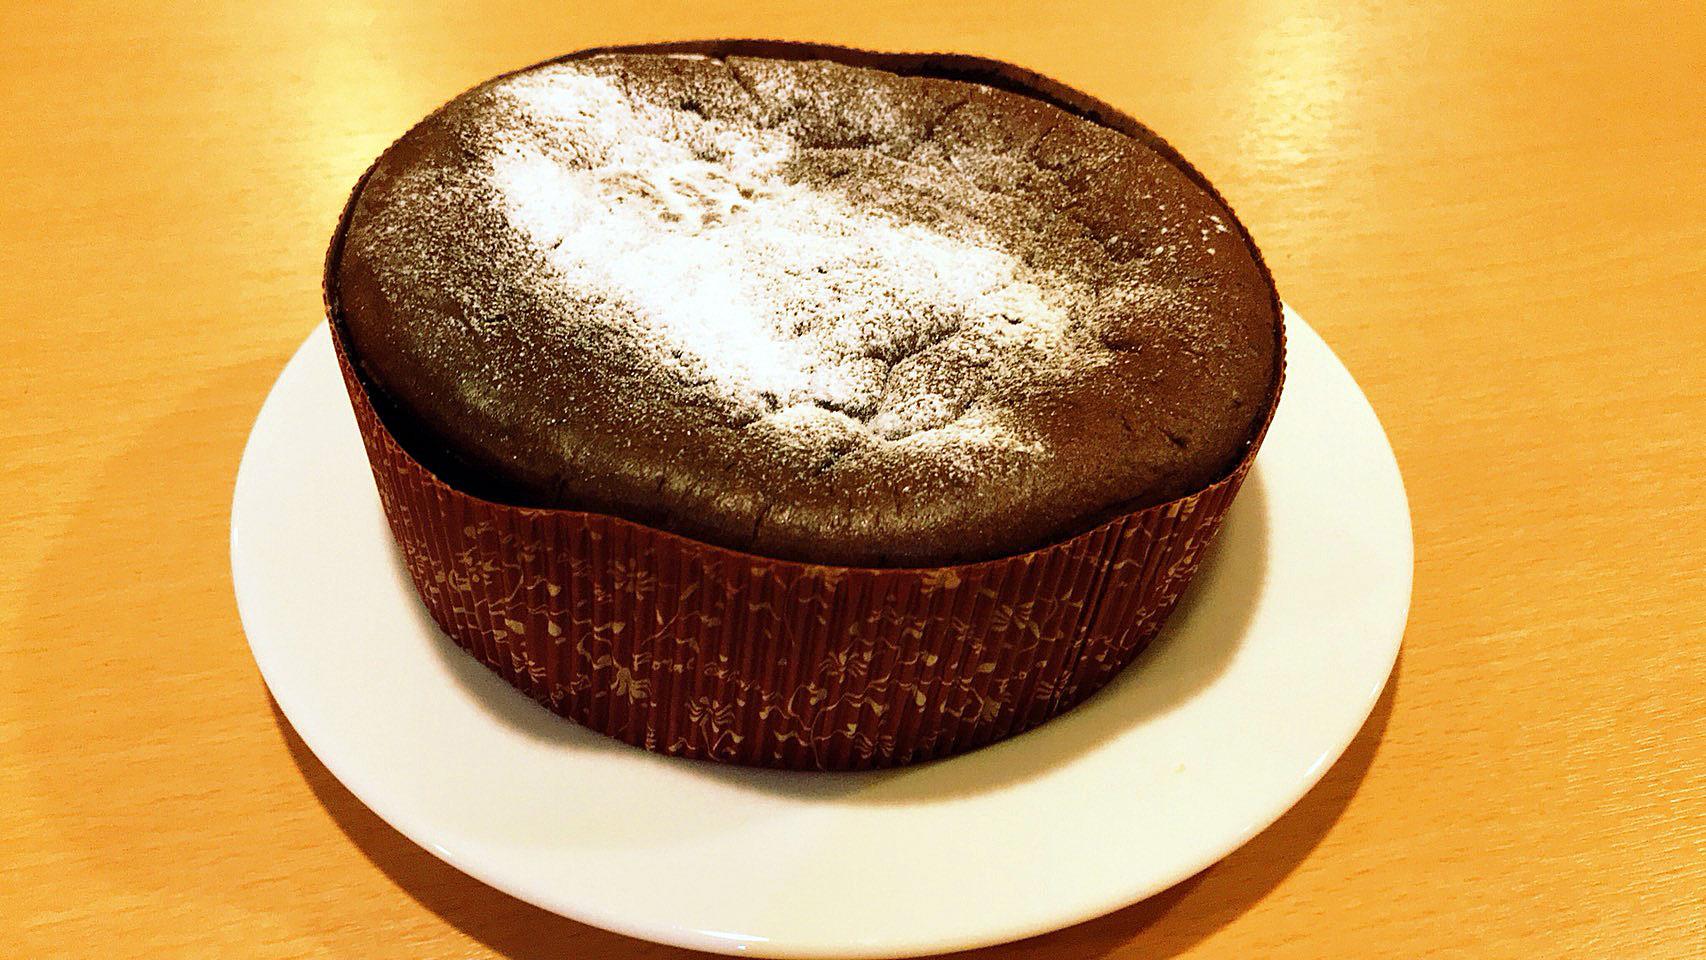 和み蕎たつ~米粉のガトーショコラが登場